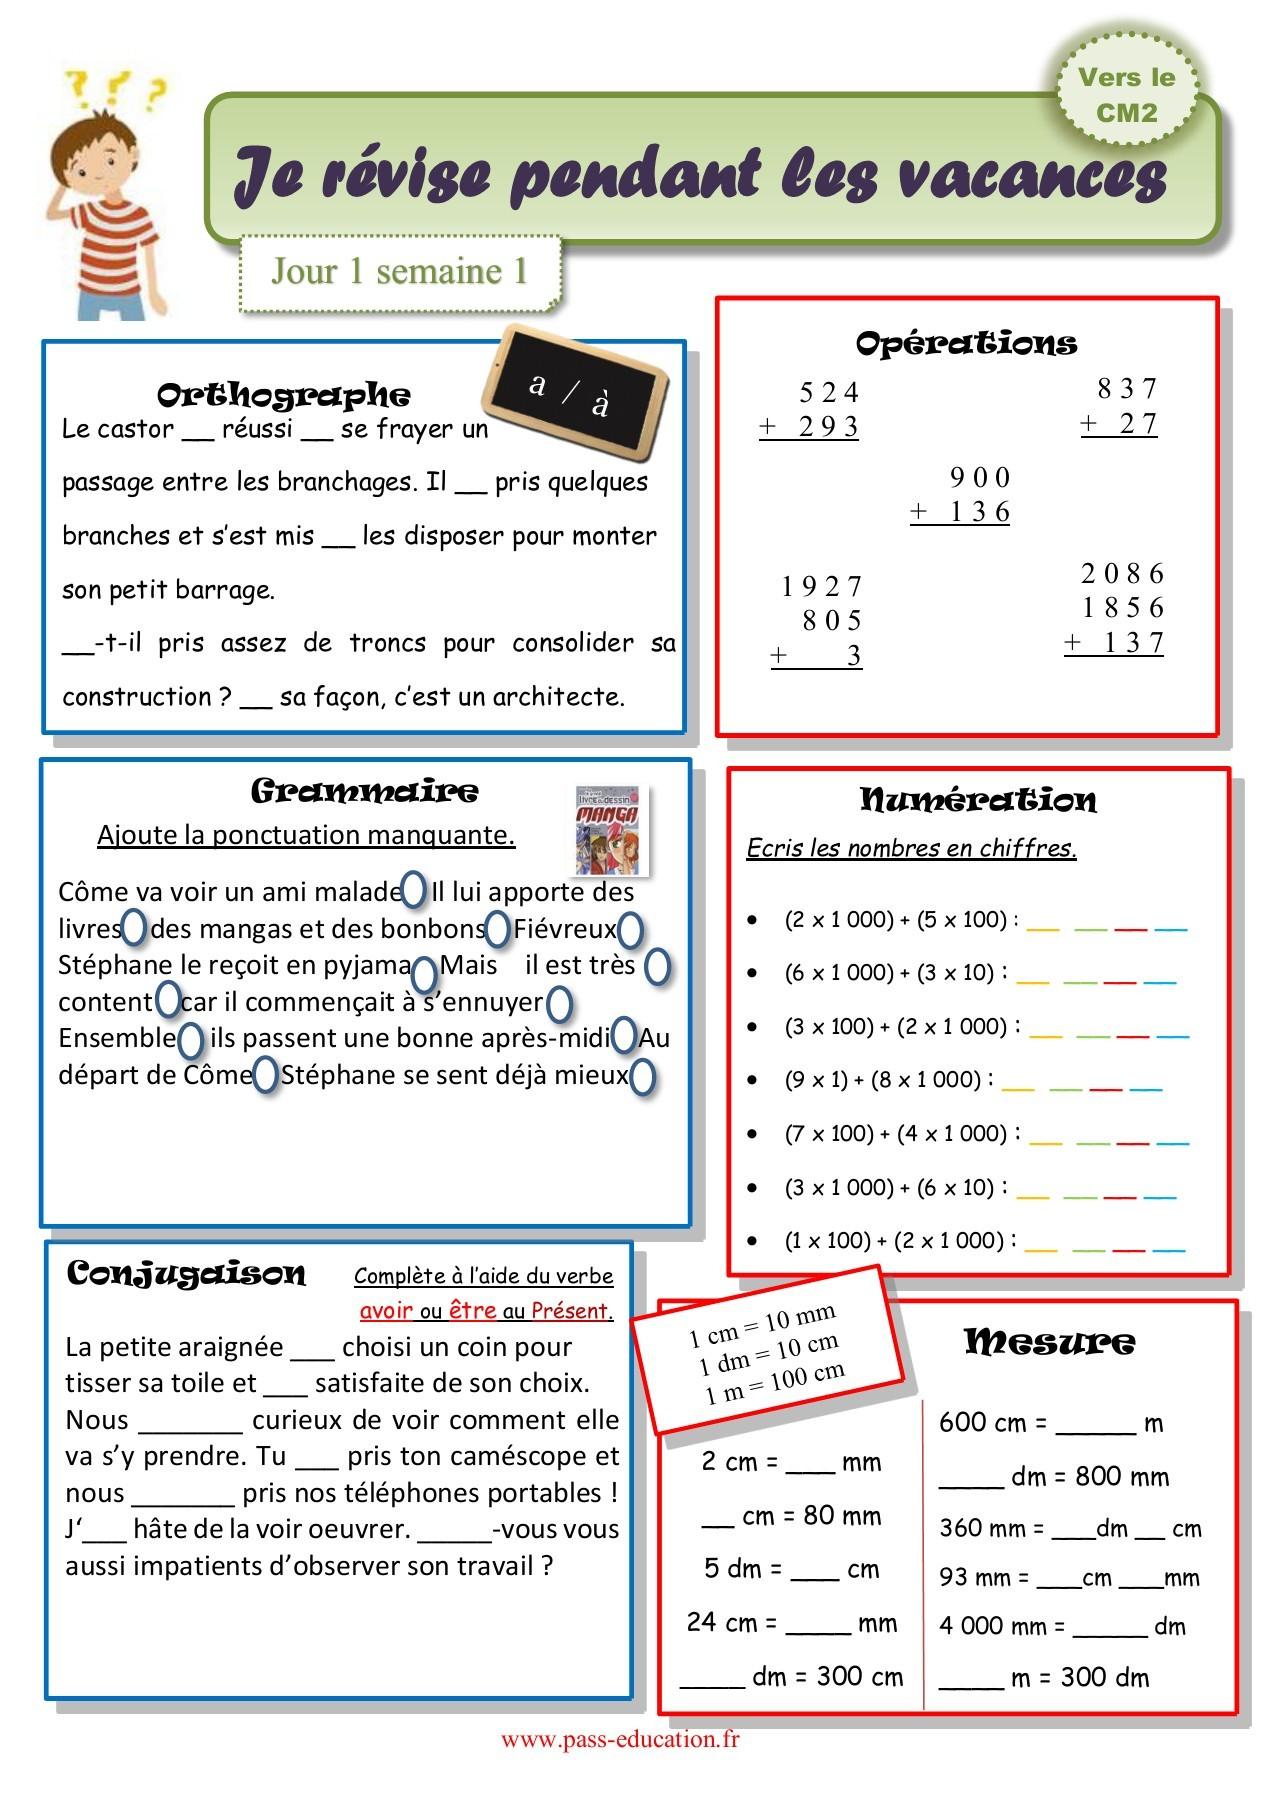 Cahier De Vacances Gratuit À Imprimer - Cm1 Vers Le Cm2 avec Journal De Vacances A Imprimer